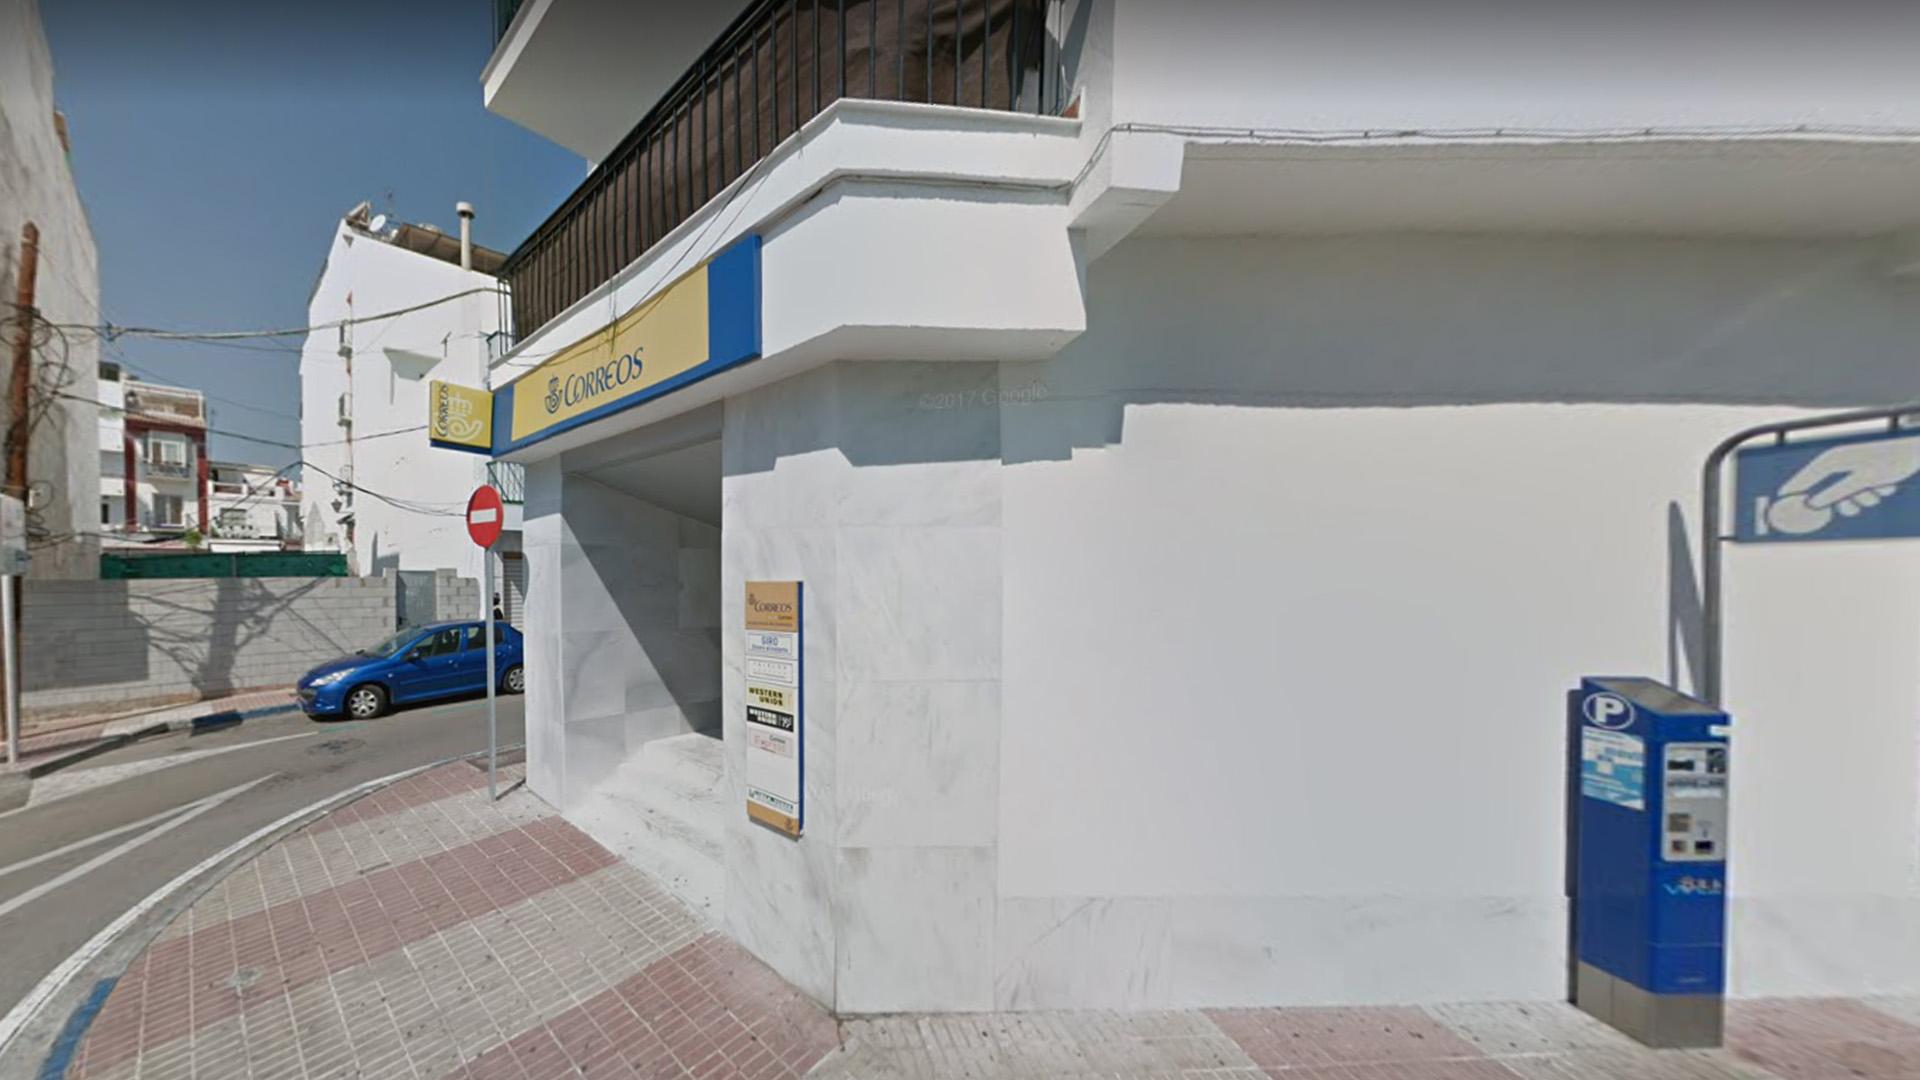 Correos desmiente a CCOO sobre la situación de la oficina en San Pedro Alcántara